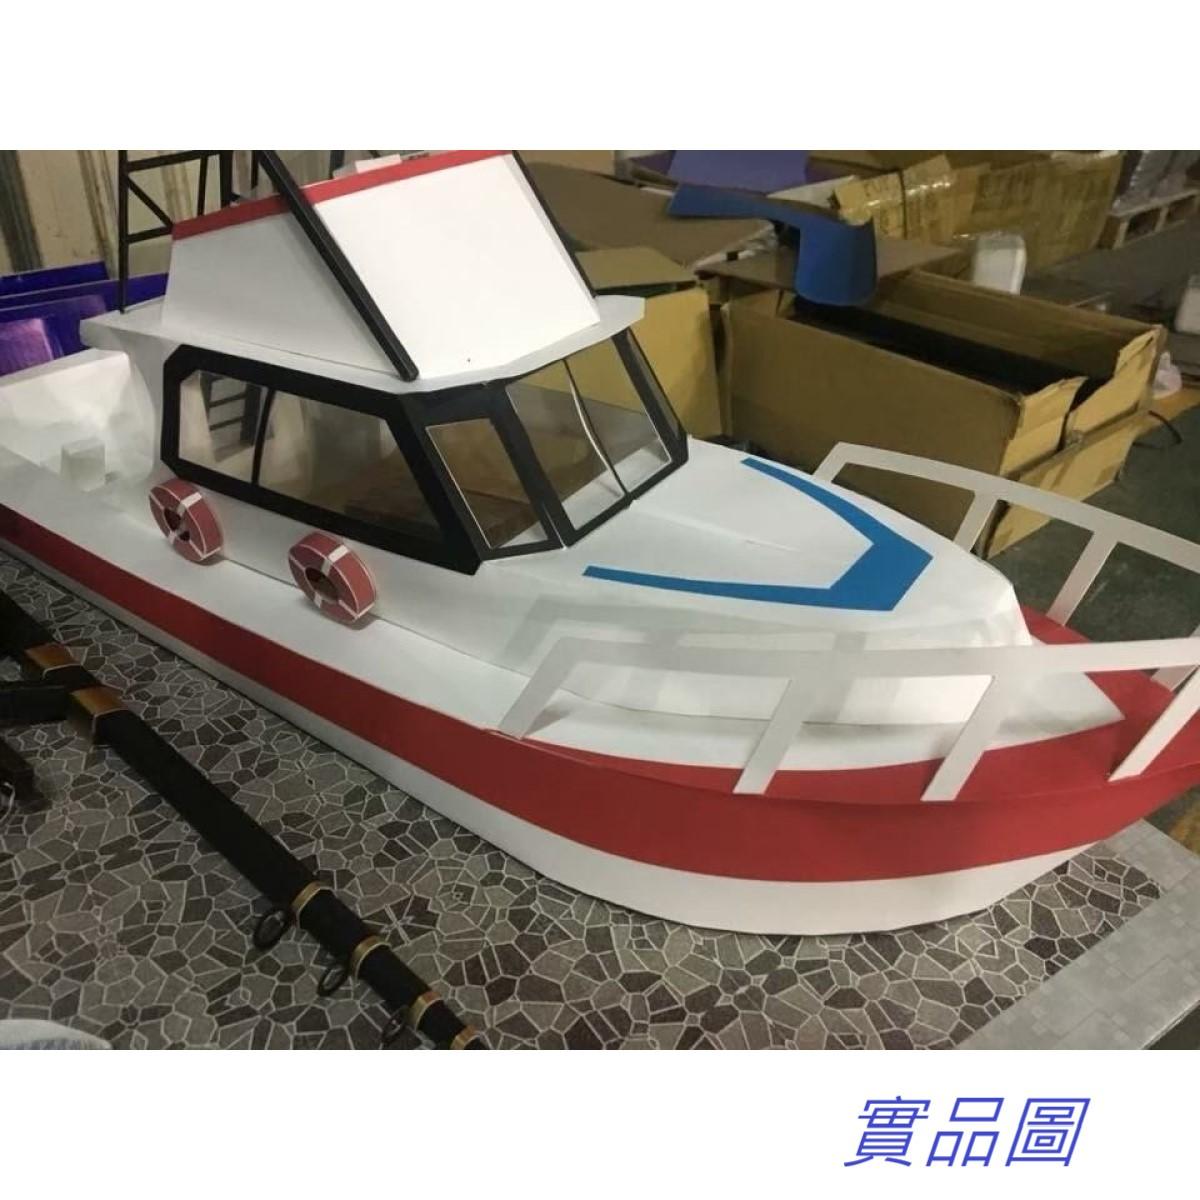 海釣休閒遊艇